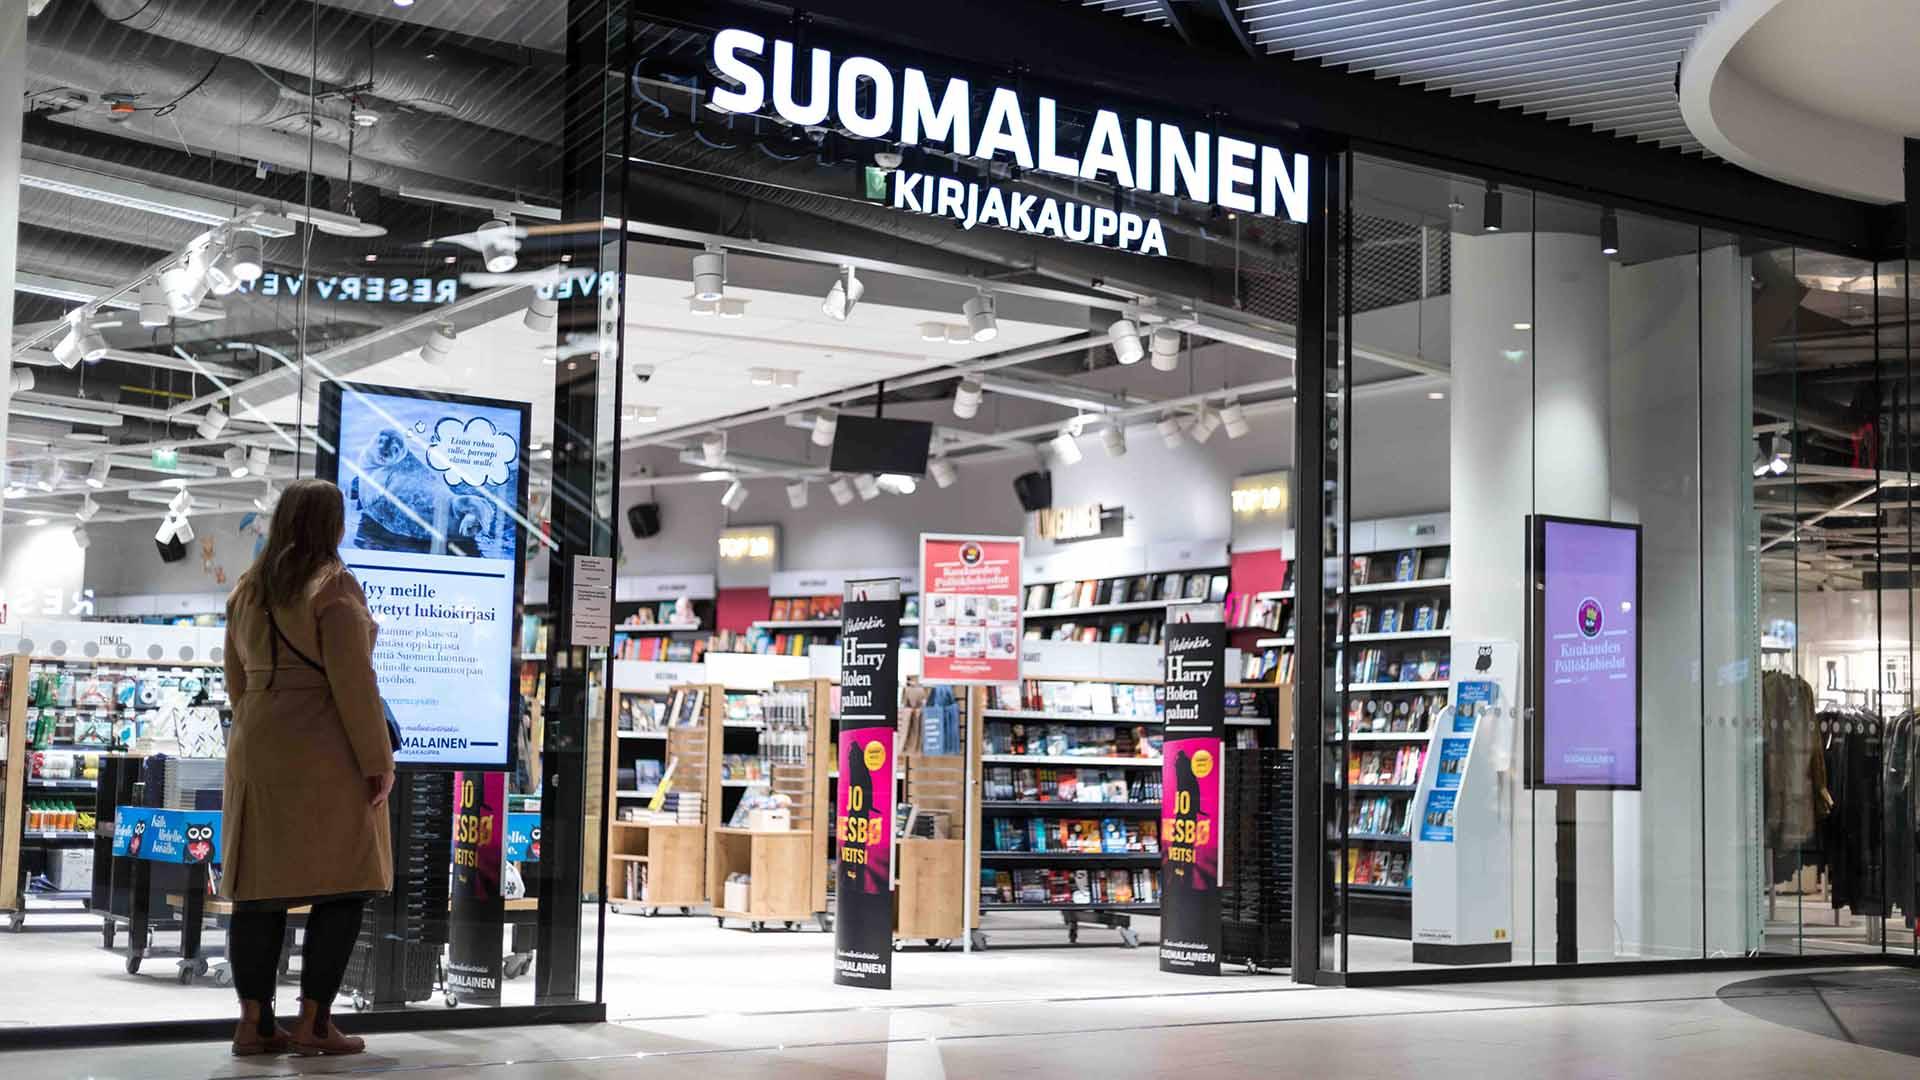 Suomalaisen Kirjakaupan ikkunoissa sijaitsevat EWQ:n infonäytöt herättävät ohikulkijoiden huomion.